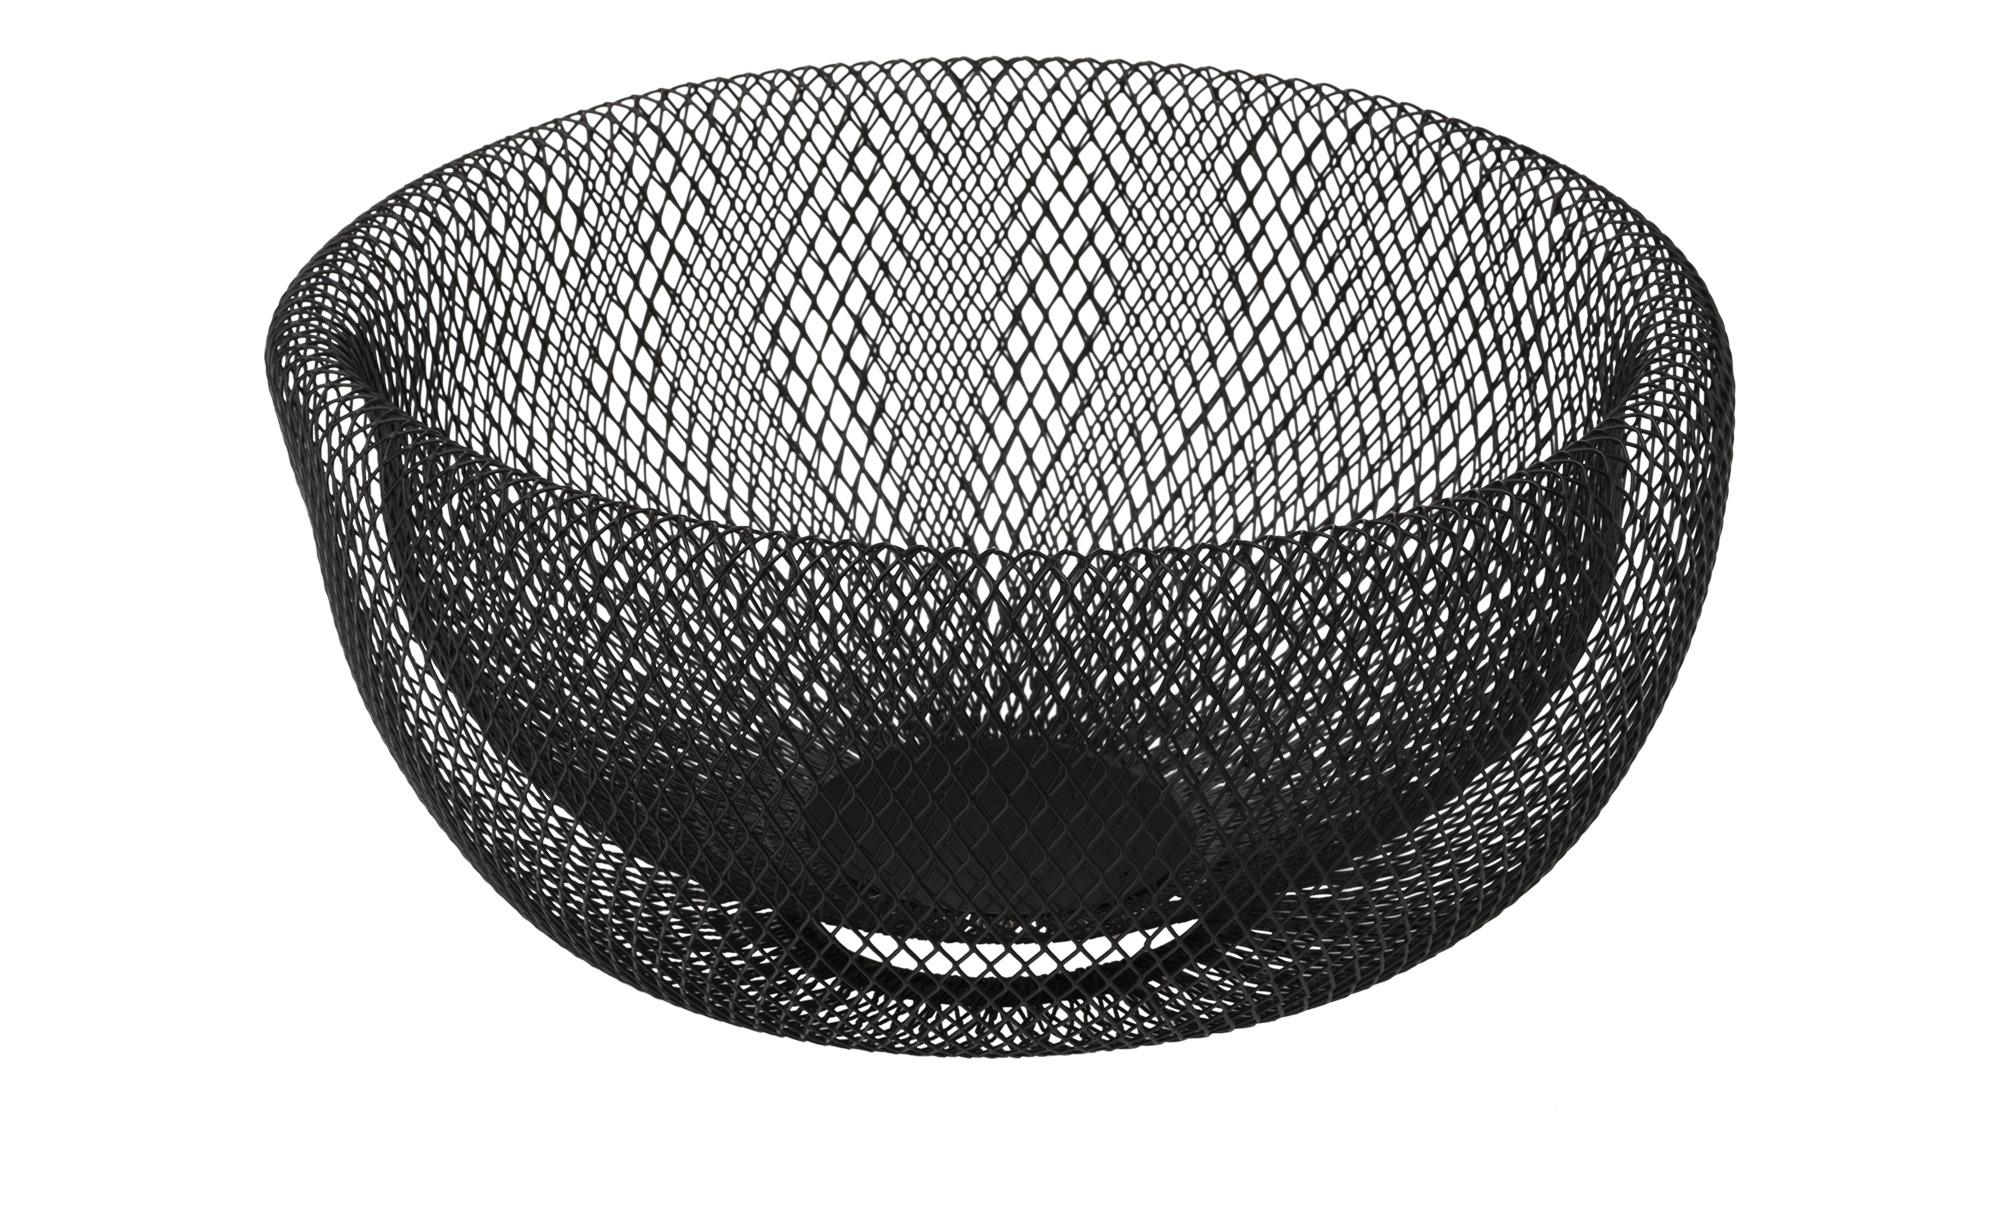 Korb Gitter ¦ schwarz ¦ Maße (cm): H: 12,5 Ø: [24.5] Dekoration > Deko-Schalen - Höffner | Dekoration > Aufbewahrung und Ordnung | Schwarz | Möbel Höffner DE